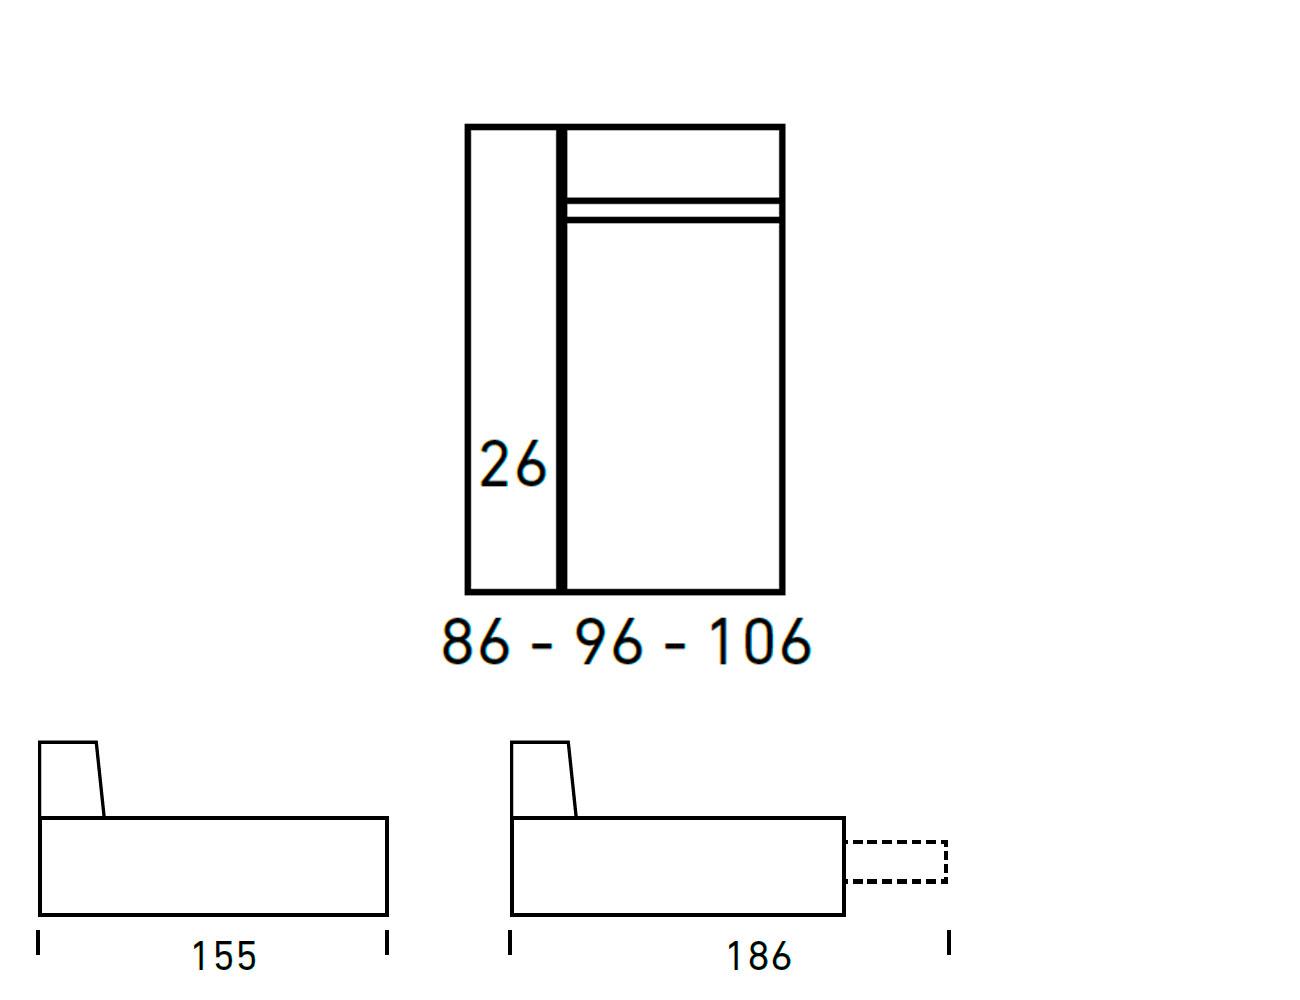 Croquis modulos chaiselongue 86 96 10627